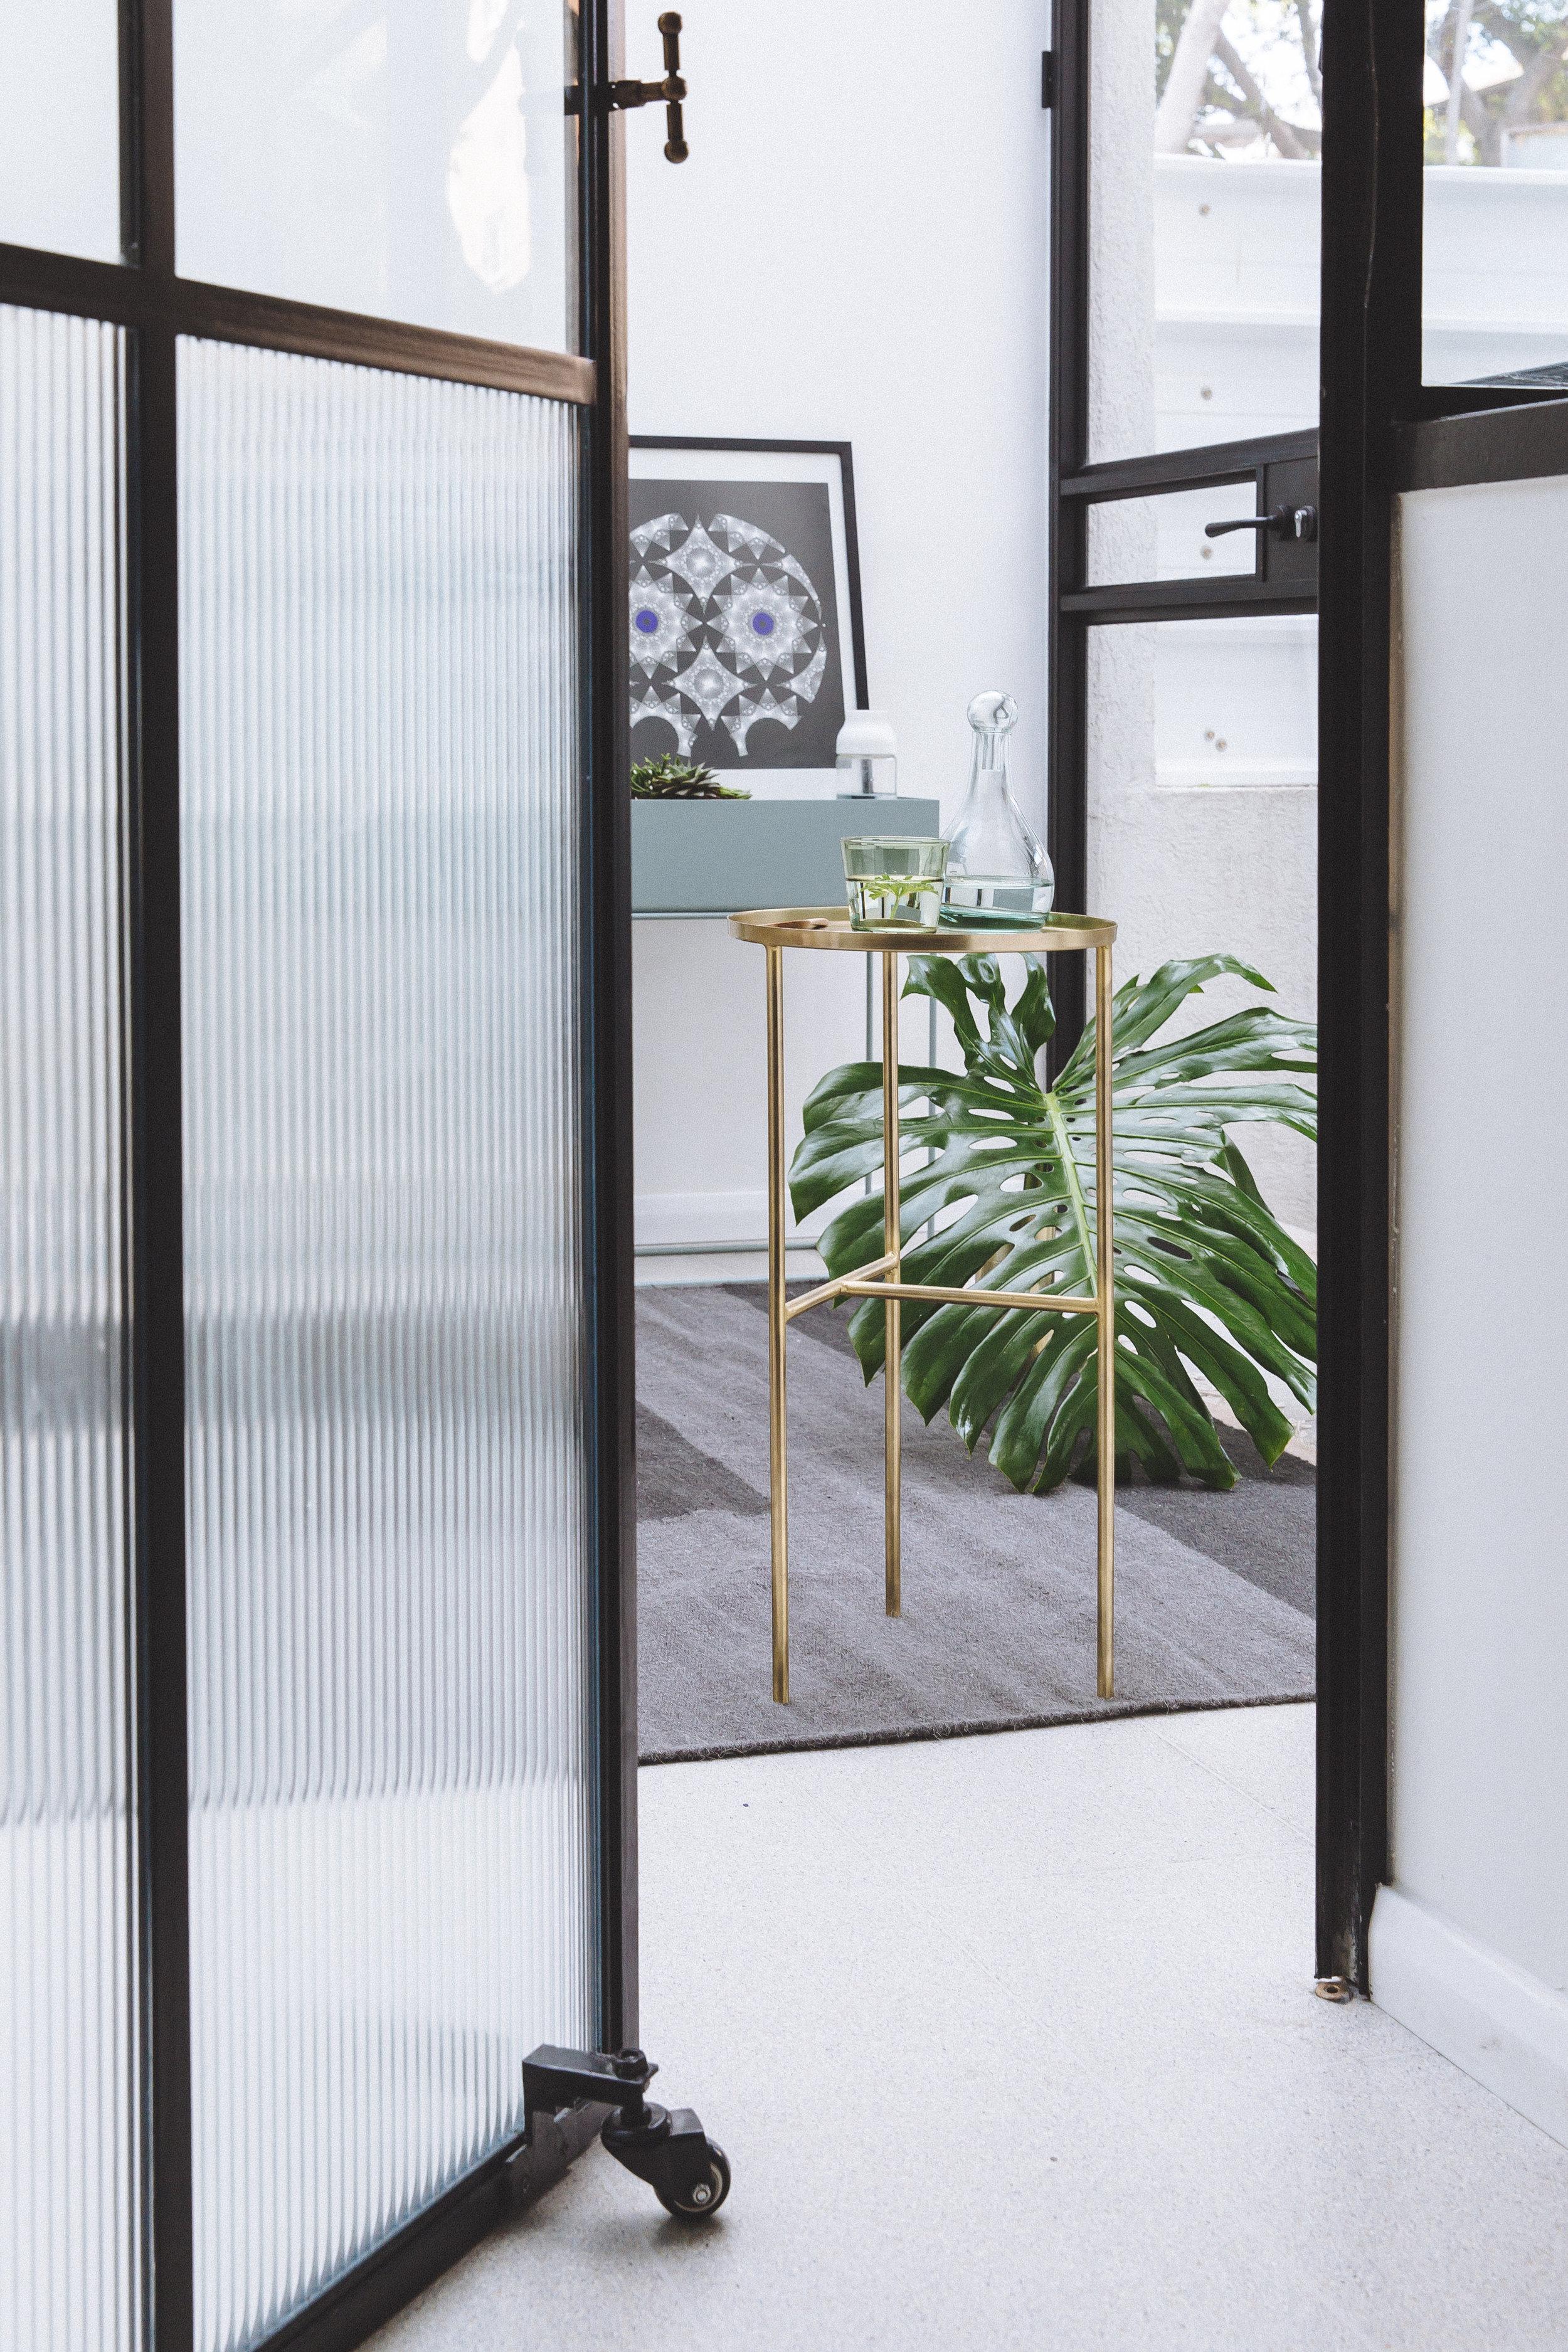 Steel and piped glass door. Terrazzo flooring